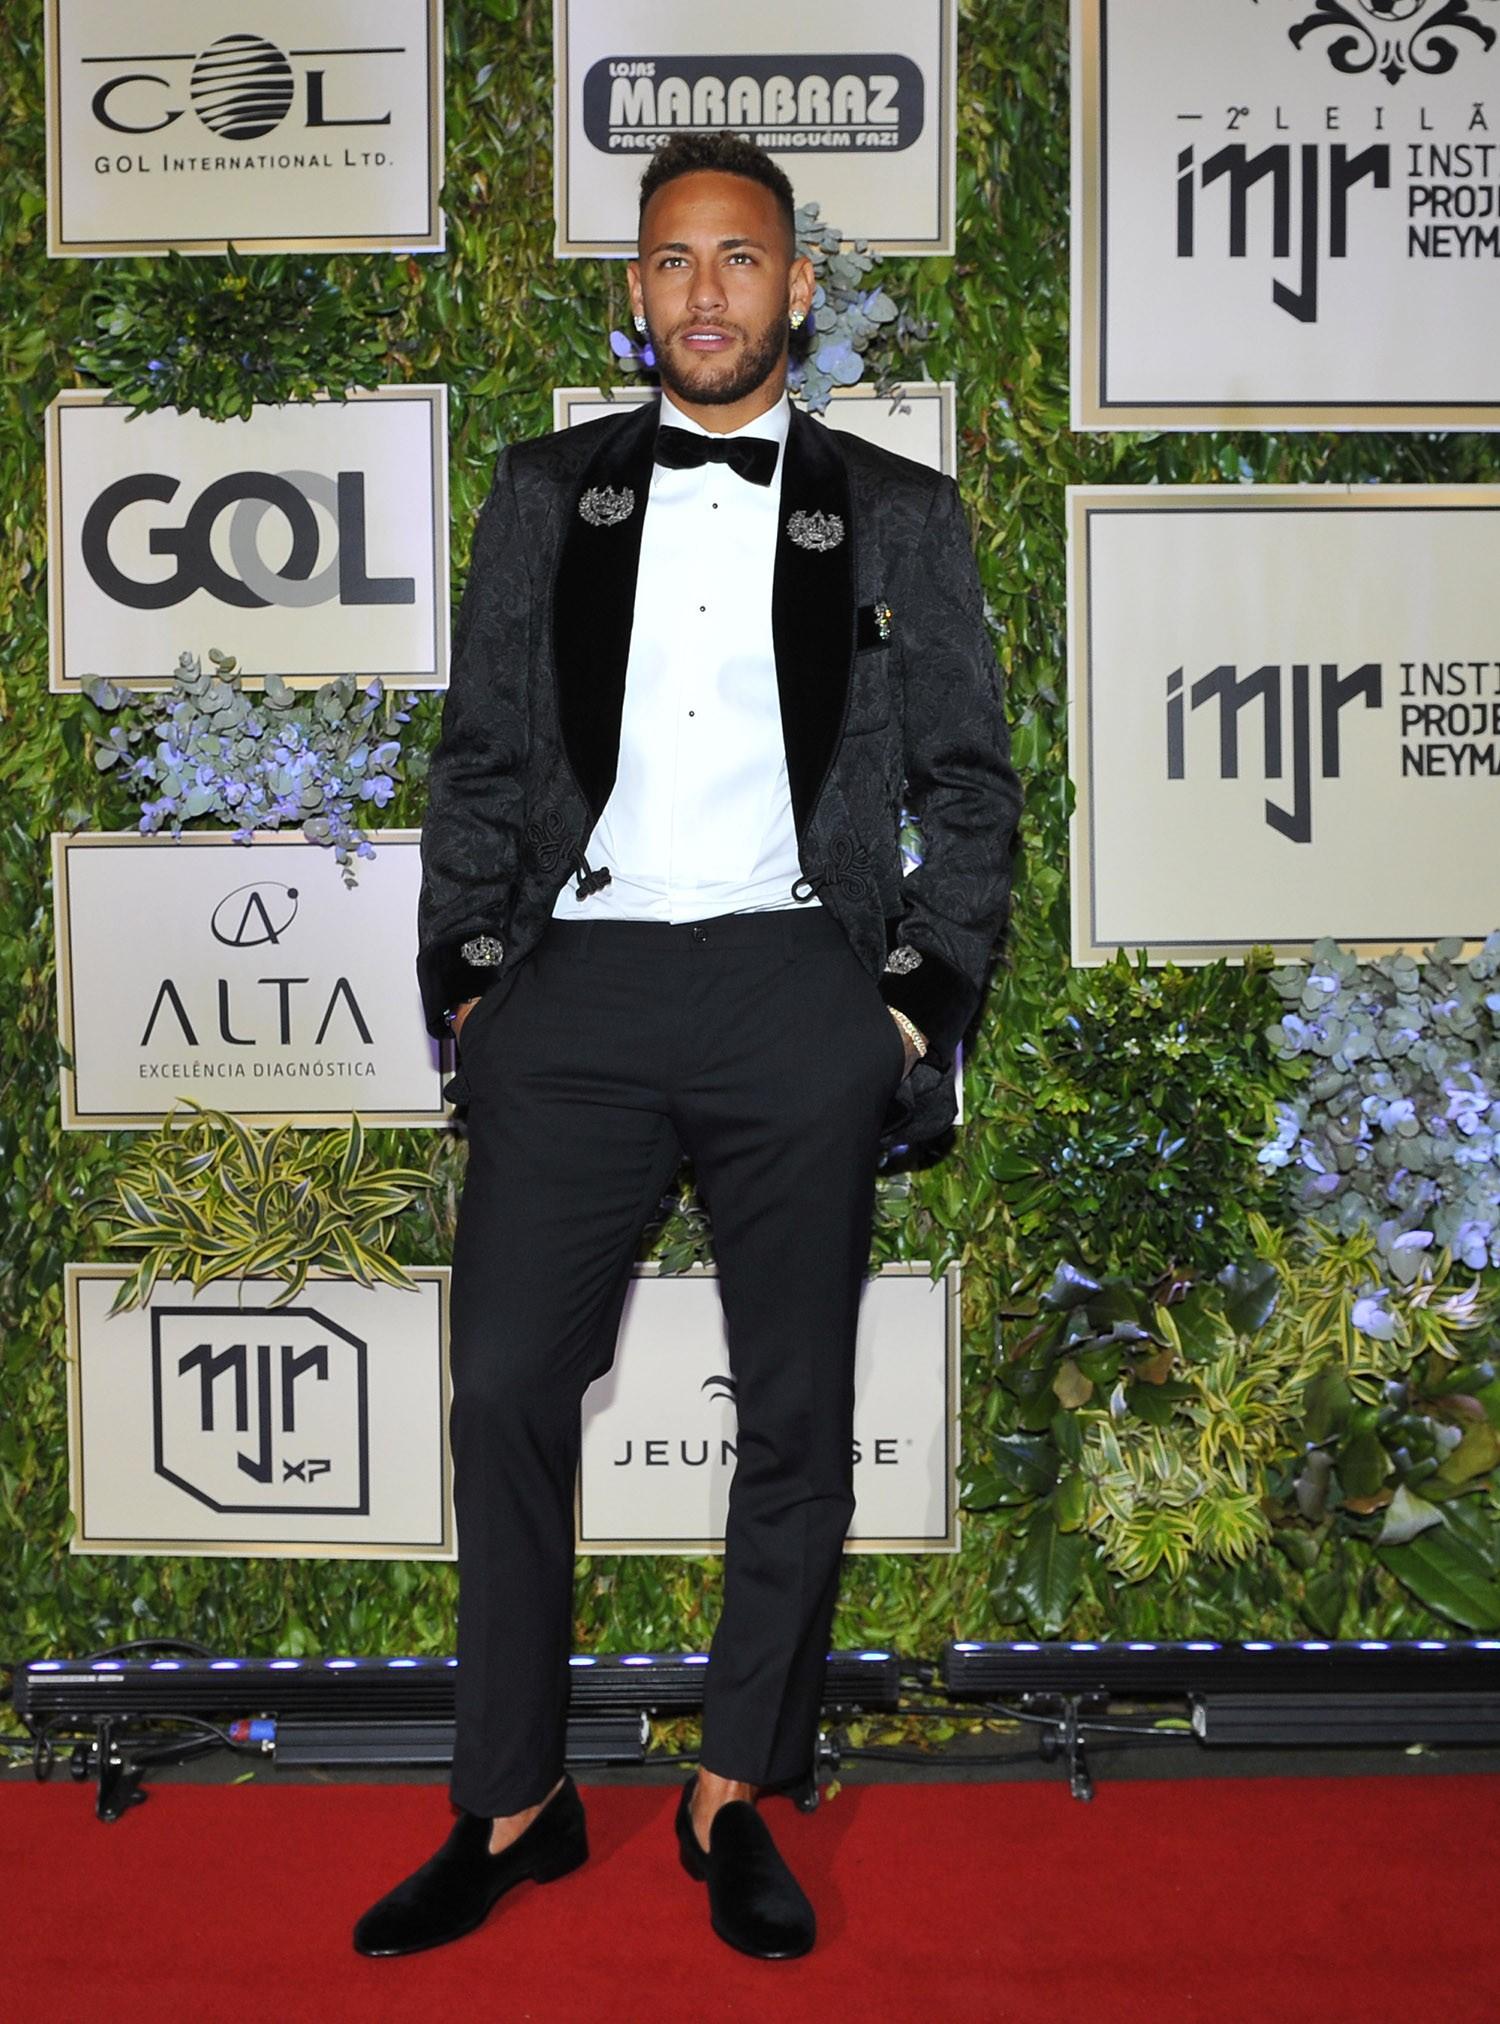 Neymar (Foto: Reprodução/ Divulgação/ Brazil News)